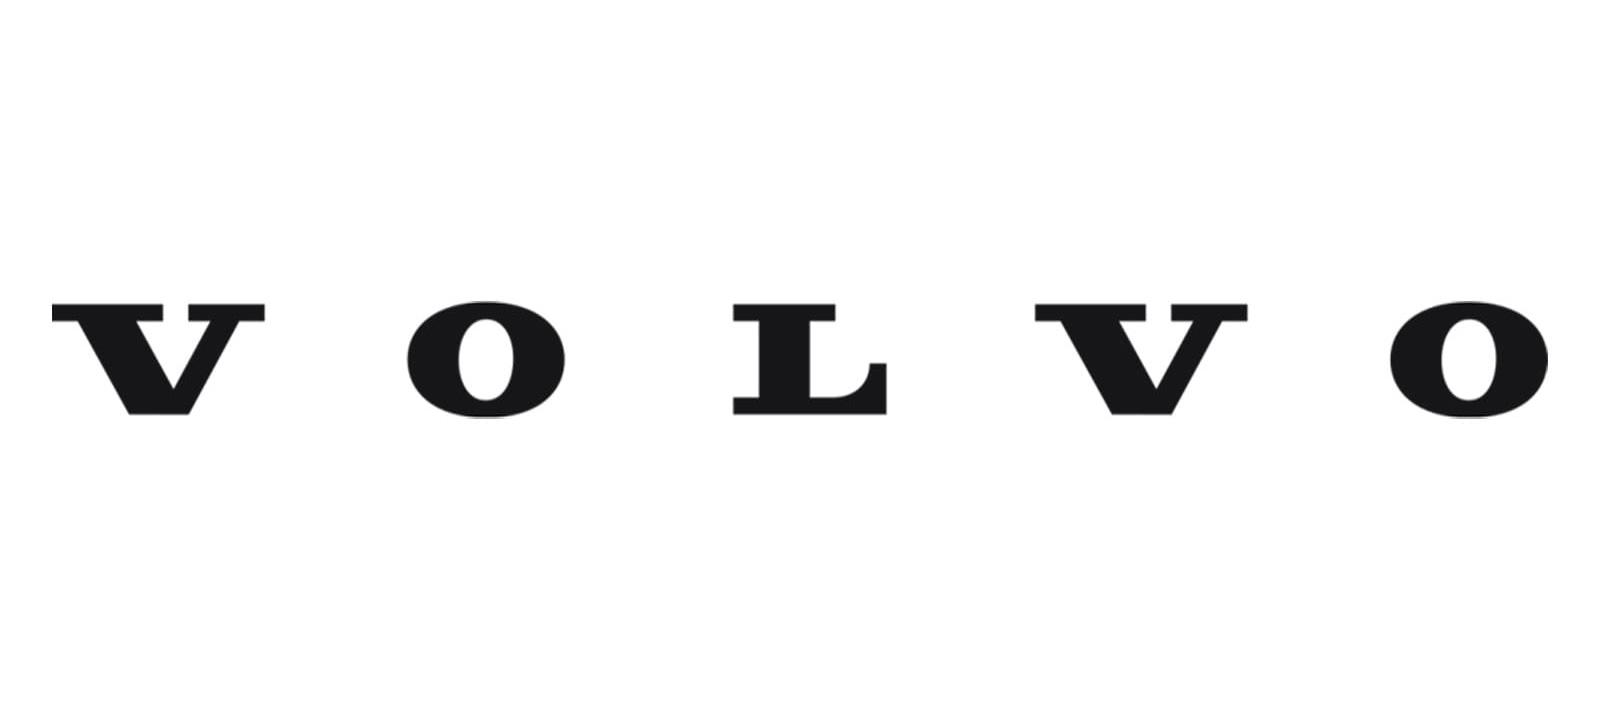 Volvo logo 2020